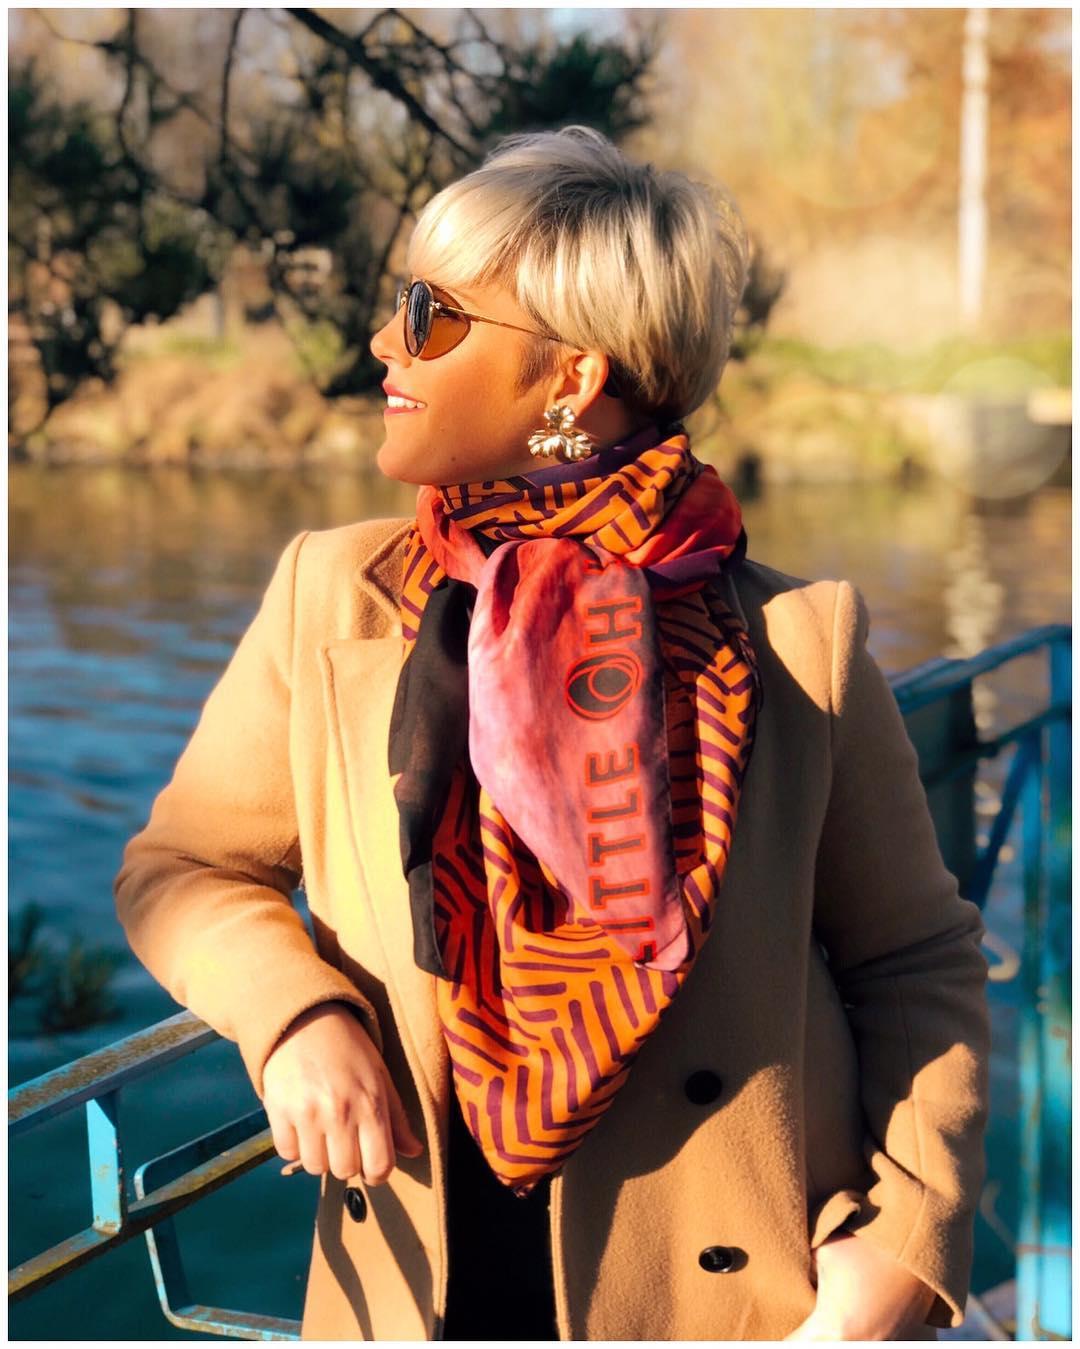 короткие стрижки для пожилых женщин фото 19